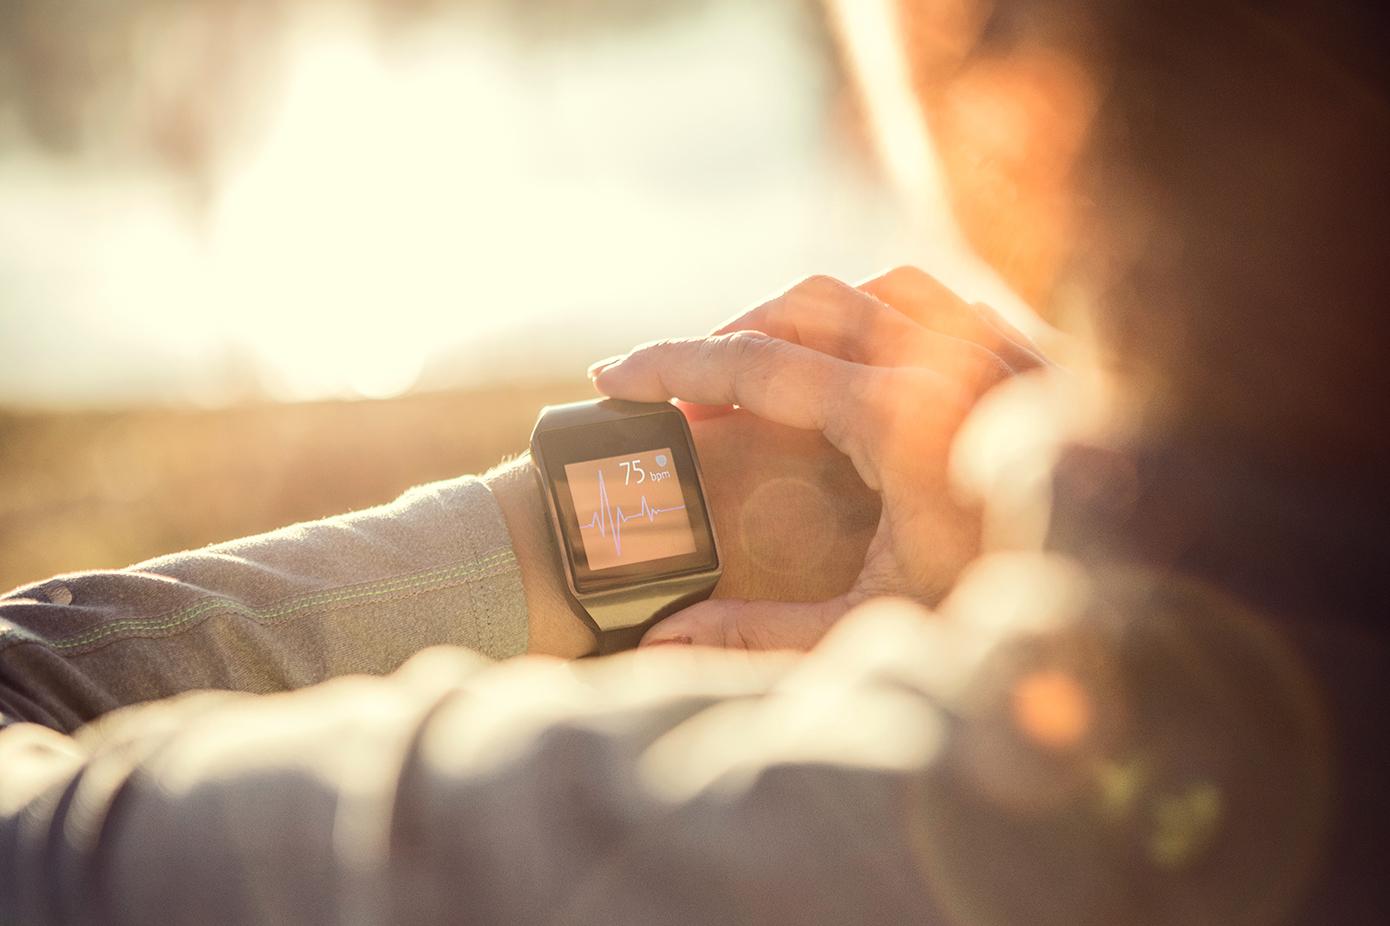 woman_wearing_smartwatch_smart_health